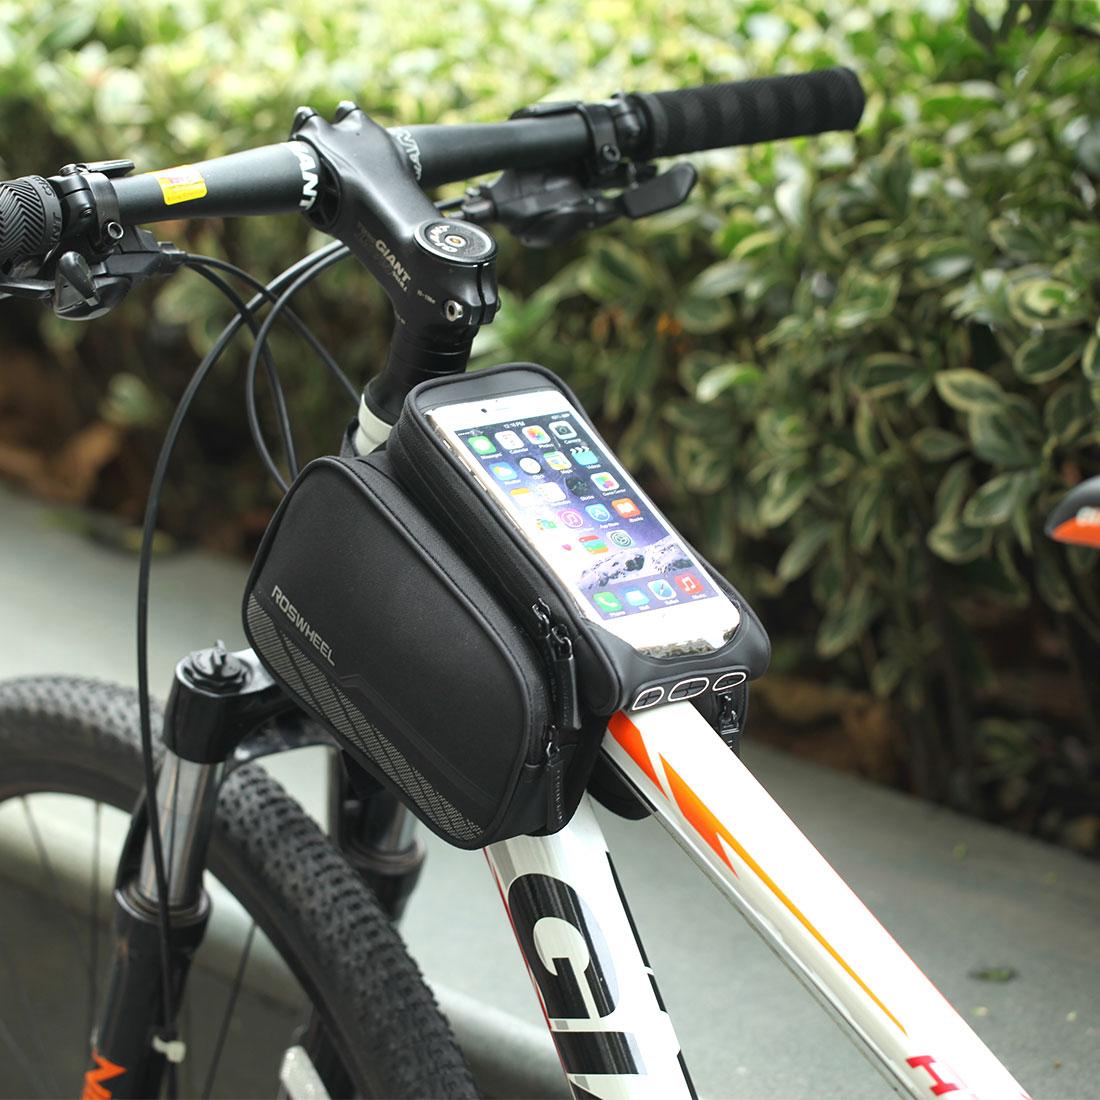 5.5in En Plein Air Sacs De Vélo Vélo Avant du Rack Cadre Supérieur Tubes Pack Téléphone portable Accessoires Vélo dans Sacs de vélos et sacoches de Sports et loisirs